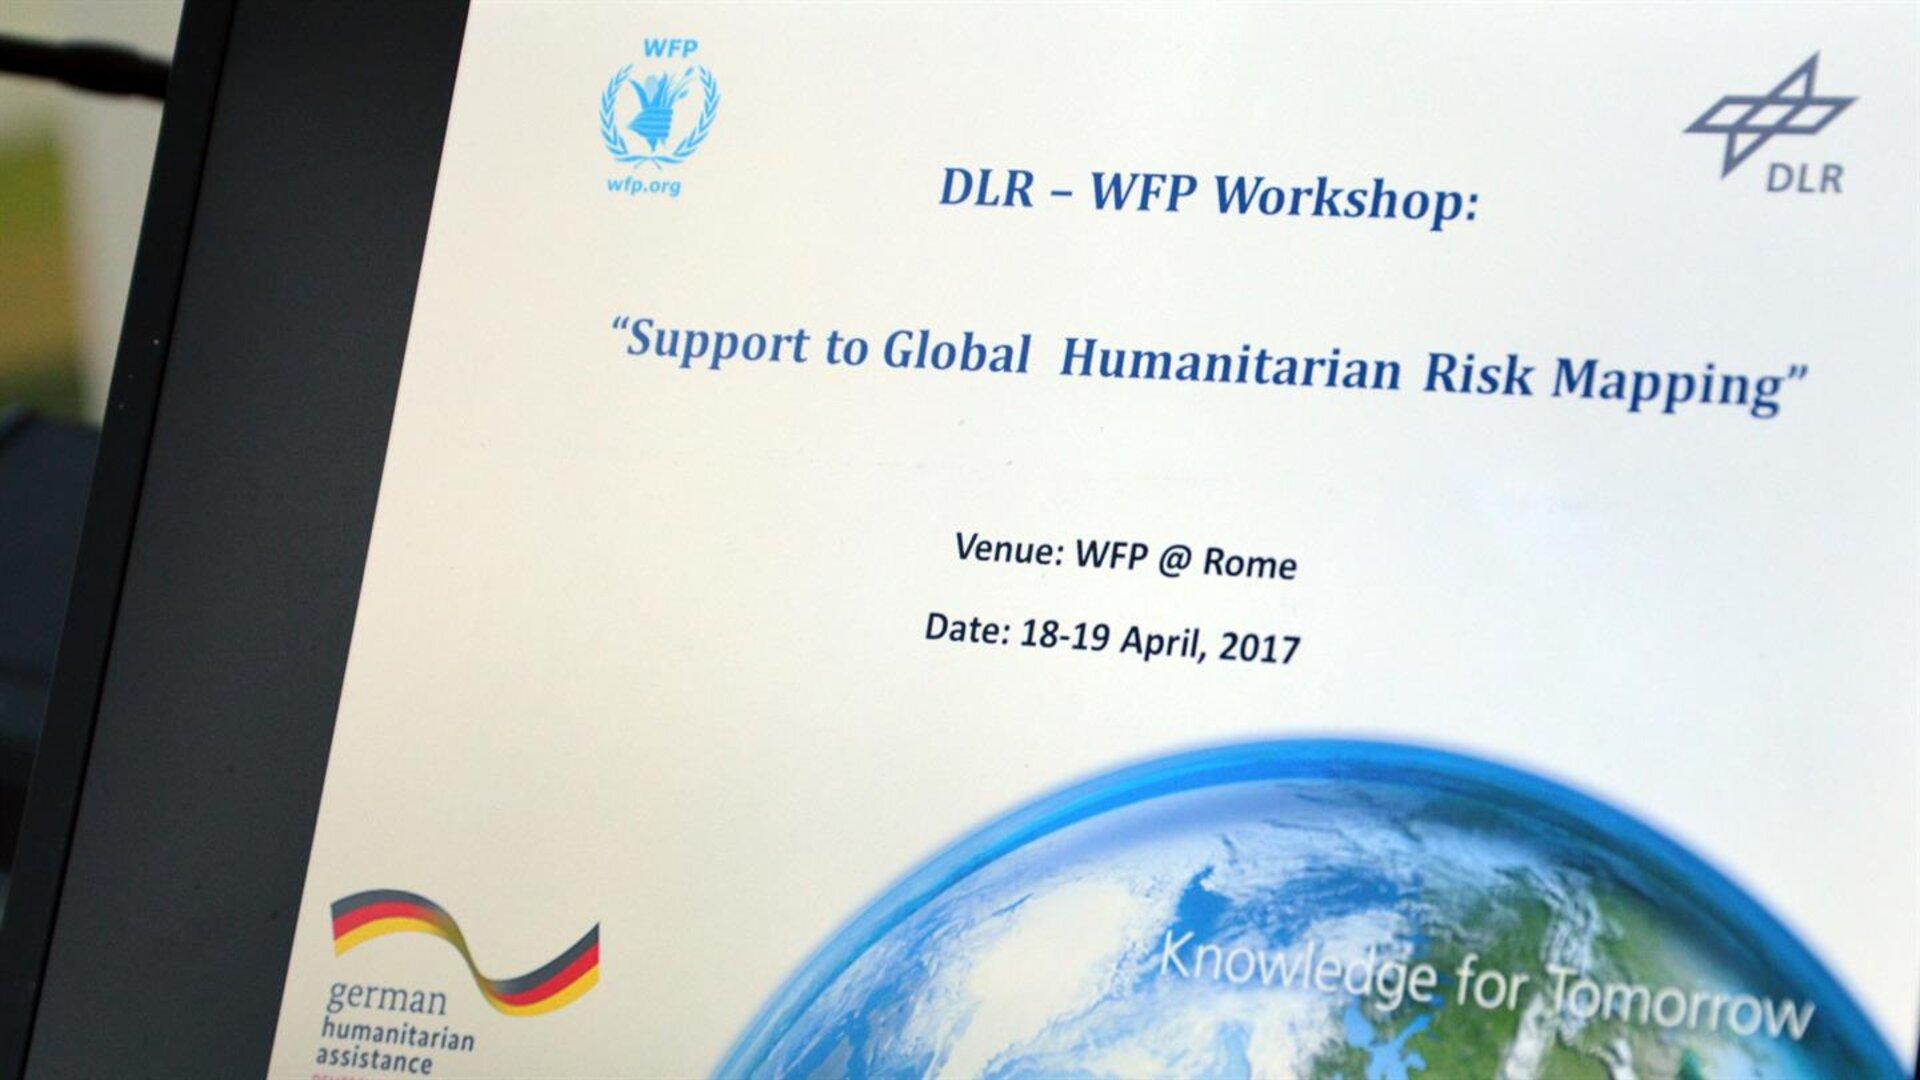 Esa Hightech Fur Helfer Dlr Unterstutzt Das Un World Food Programme Wfp Durch Satellitengestutzte Risikokartierungen